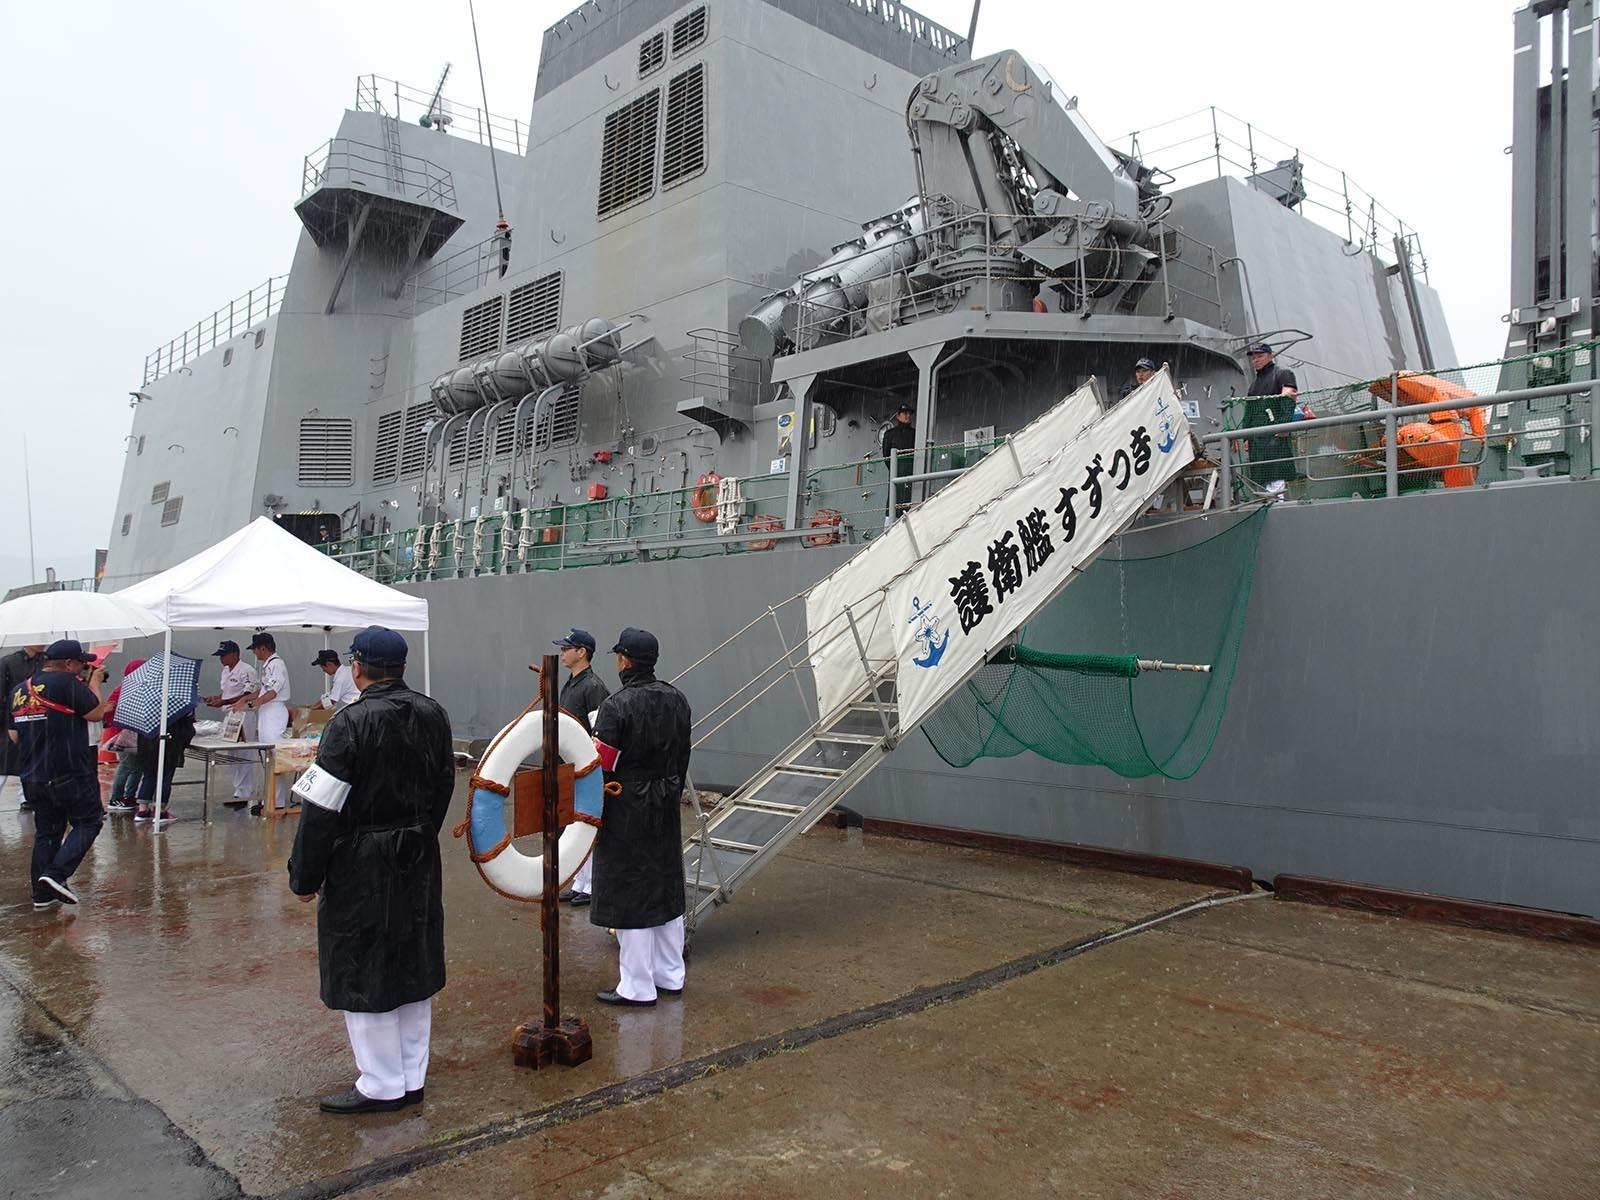 JMSDF DDH-184「かが」 in 小樽港 02_b0315809_21192924.jpg